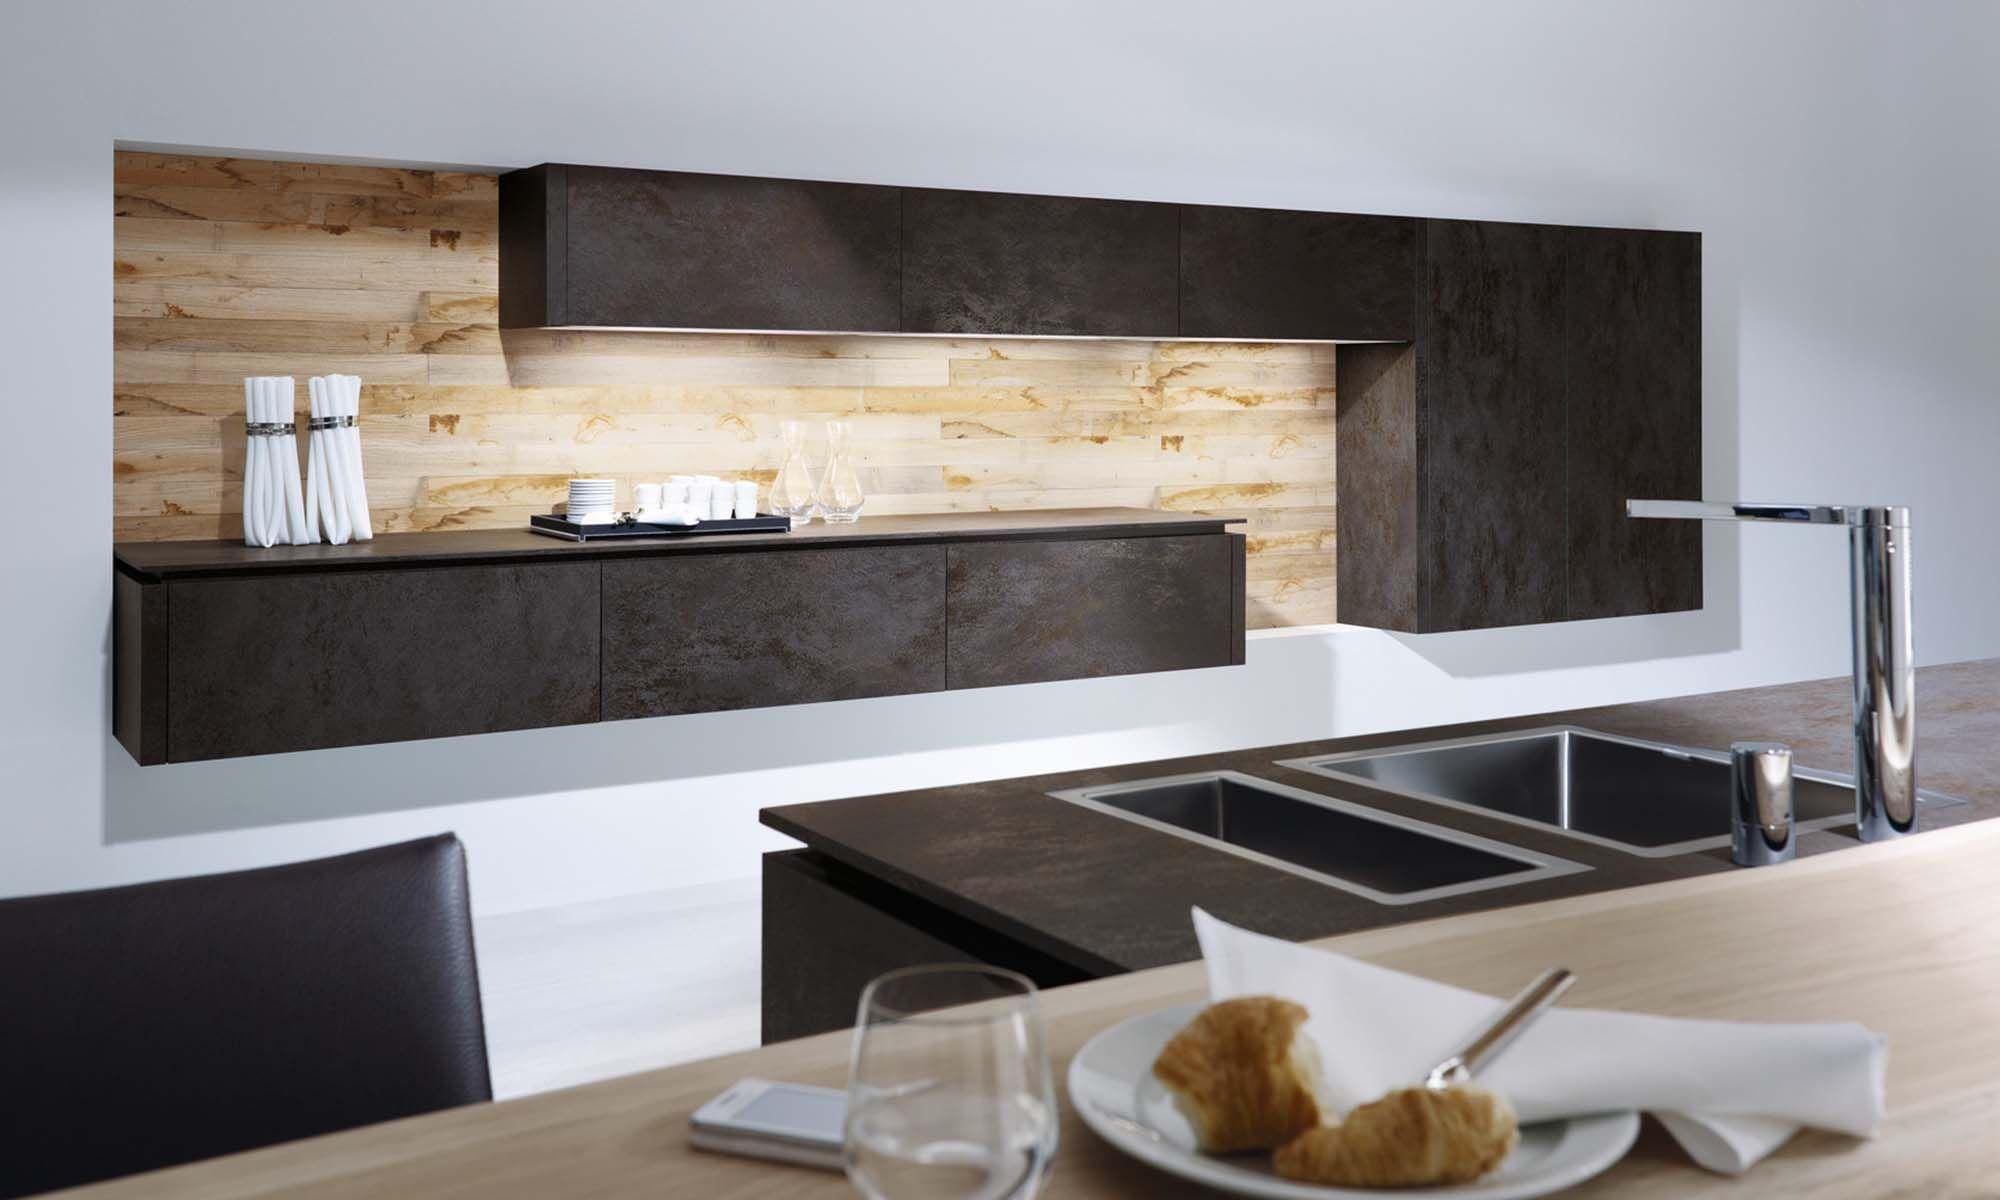 About alno modern kitchens on pinterest modern kitchen cabinets - Furniture Stunning Modern White Kitchens Design Feats Brown Wooden Cabinet With Steel Kitchen Sink Inspiring Modern Style Kitchen Cabinets